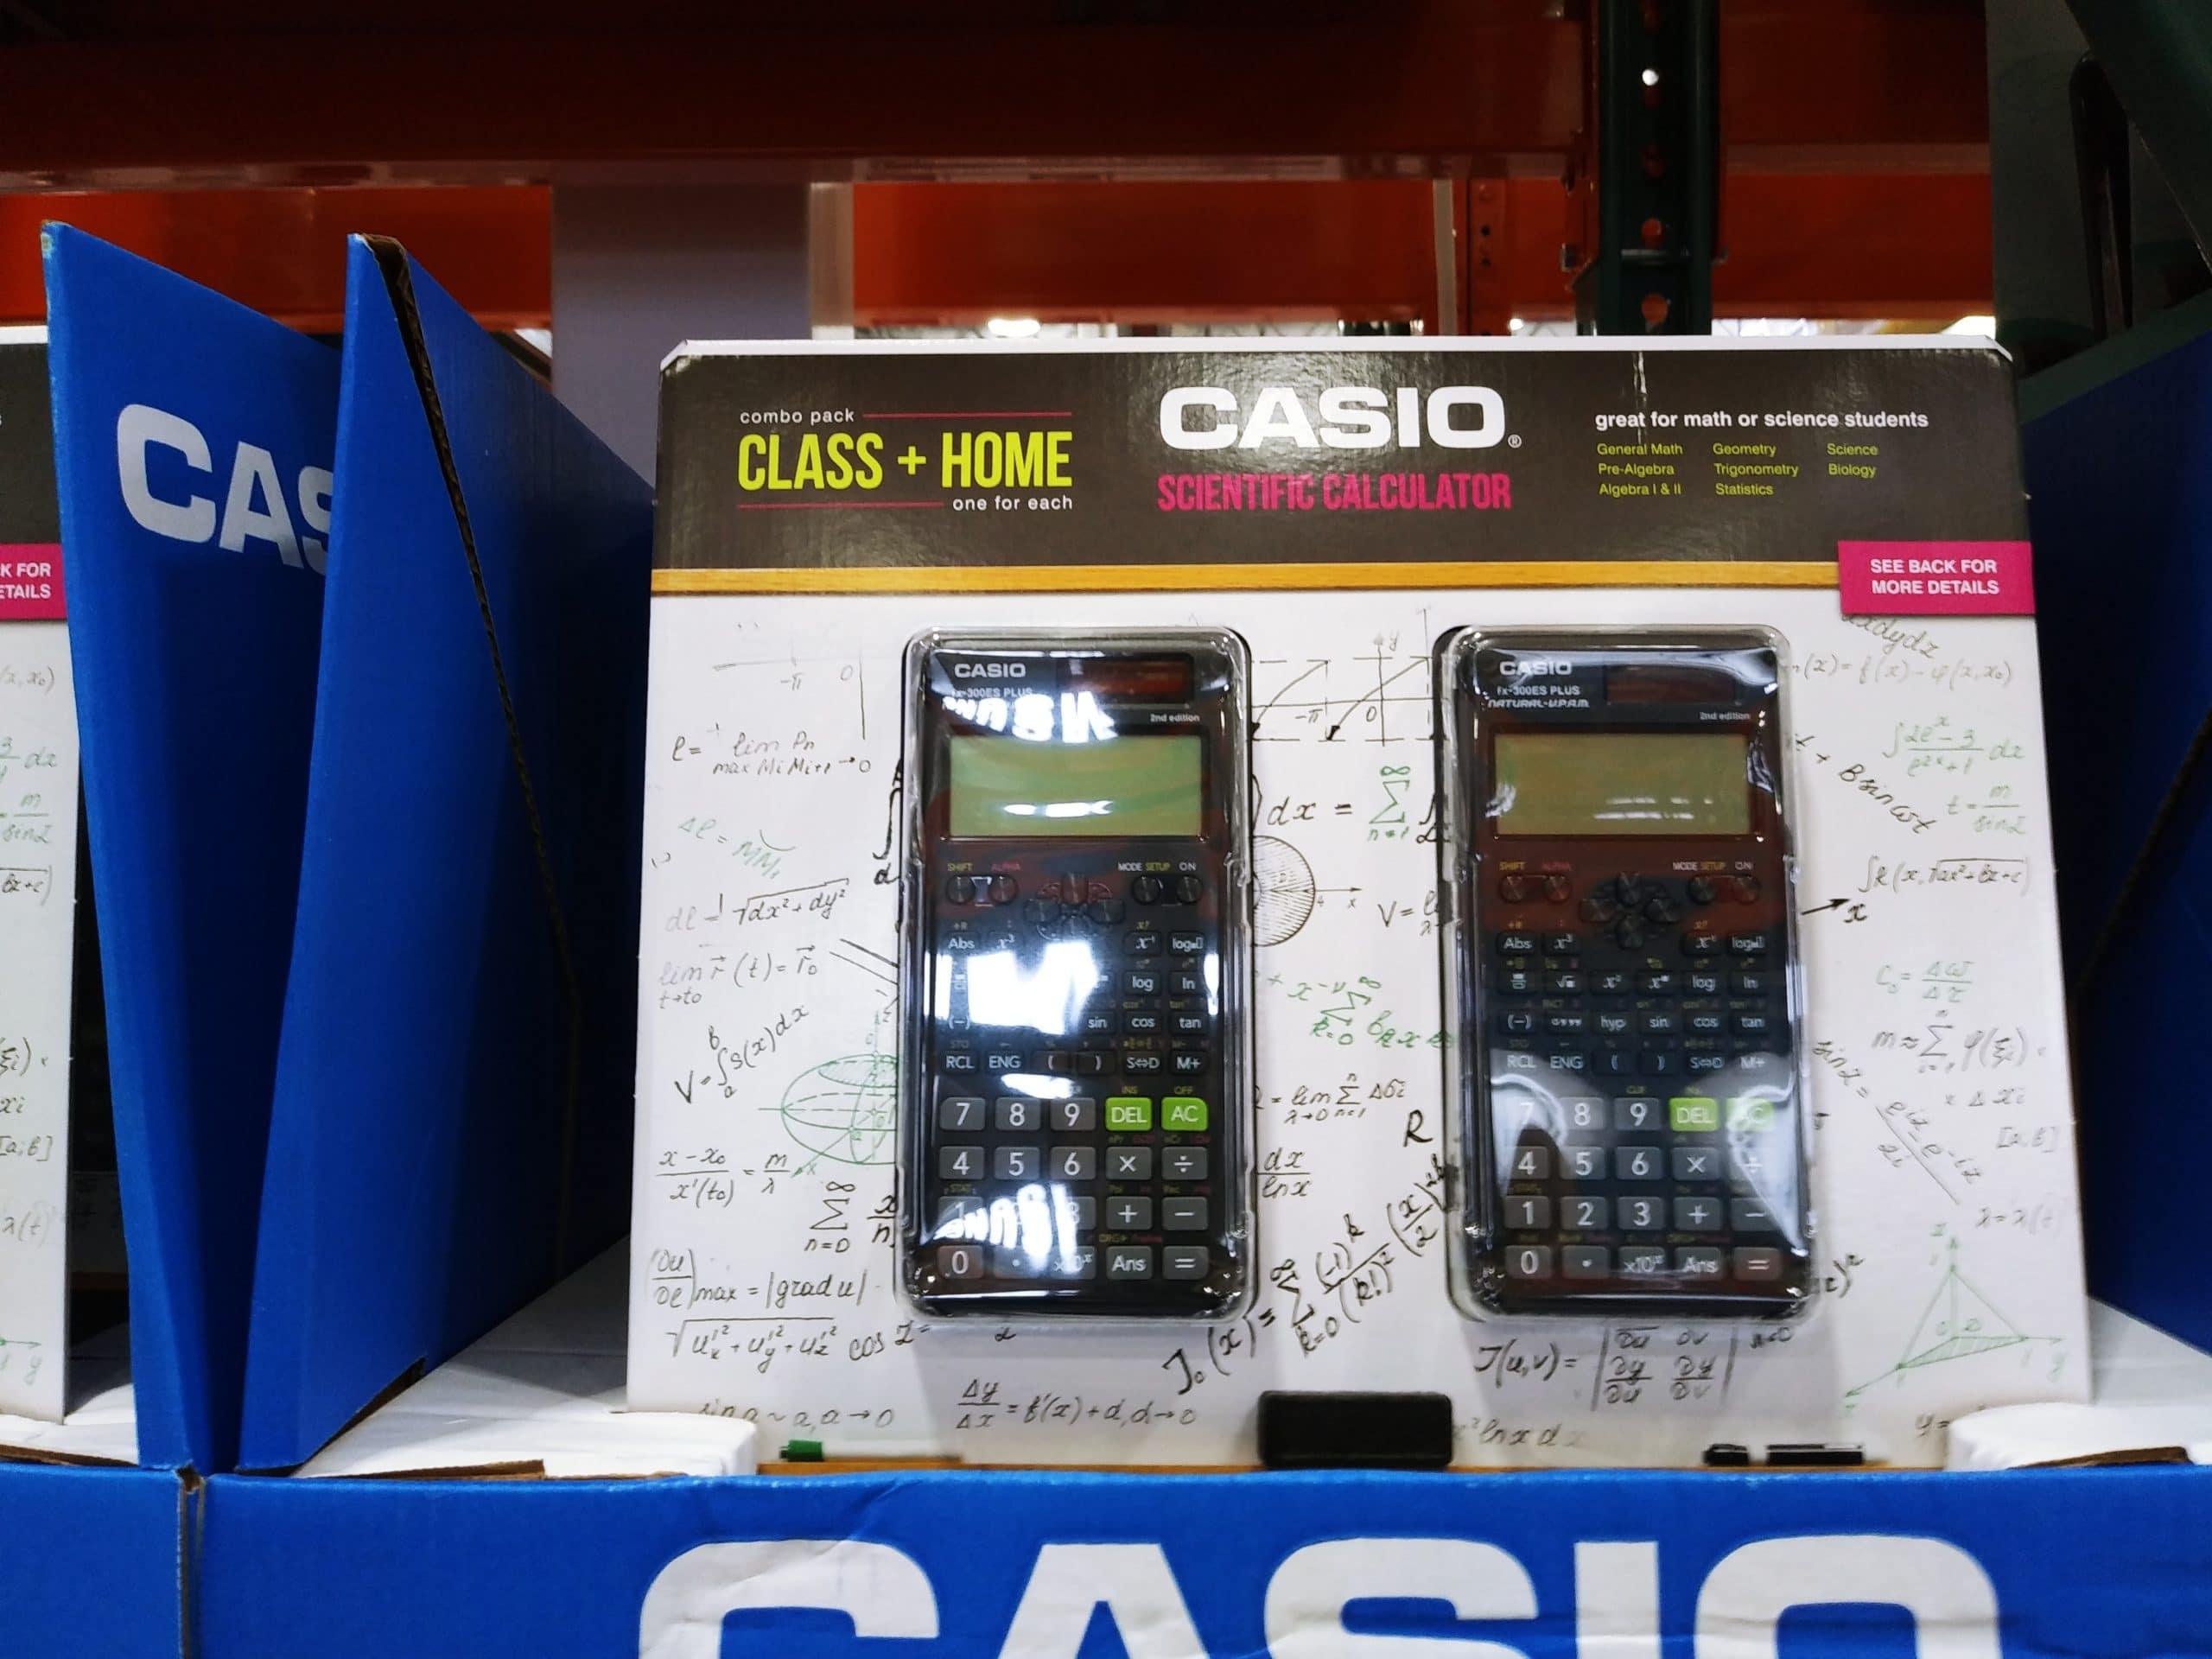 Casio Scientific Calculator 2pk $11.99